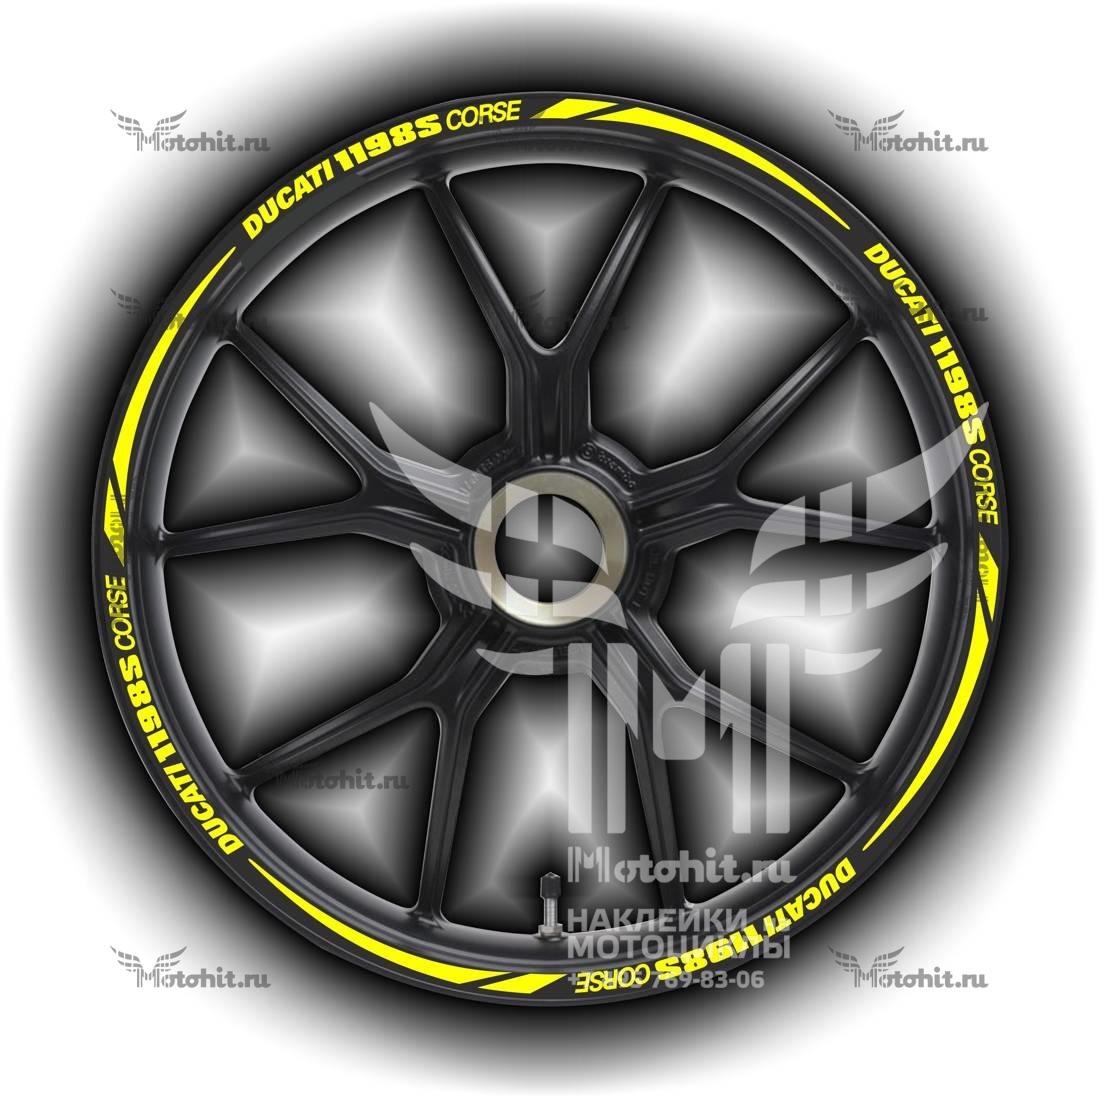 Комплект наклеек на обод колеса мотоцикла DUCATI 1198-S-CORSE